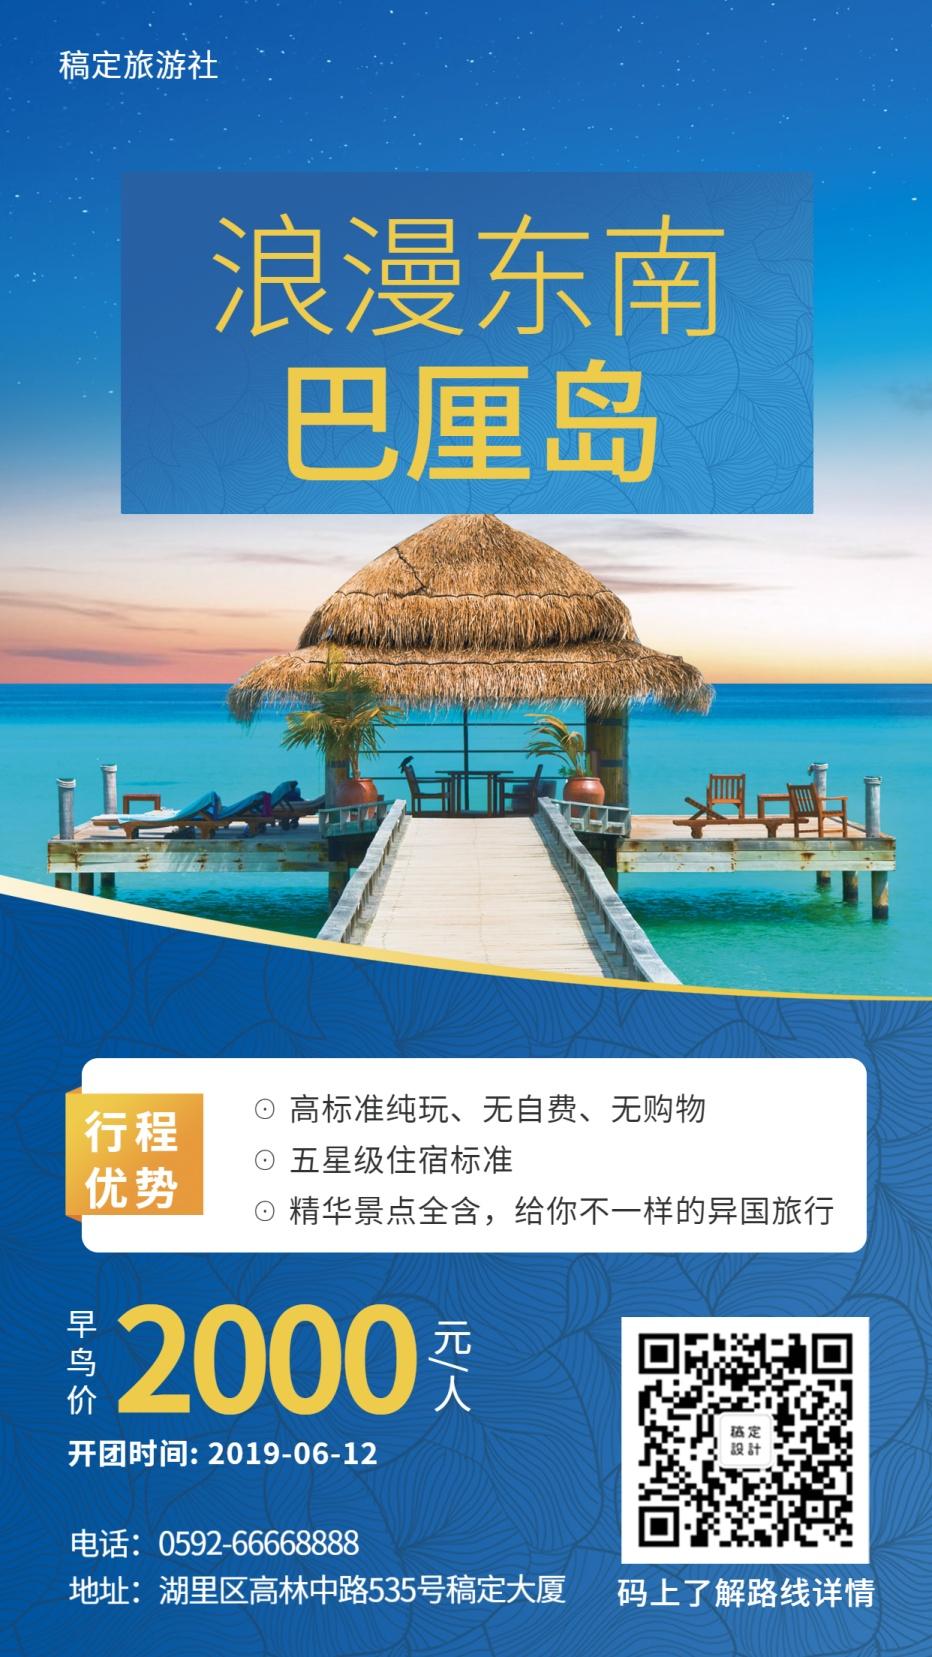 巴厘岛/旅游/手机海报